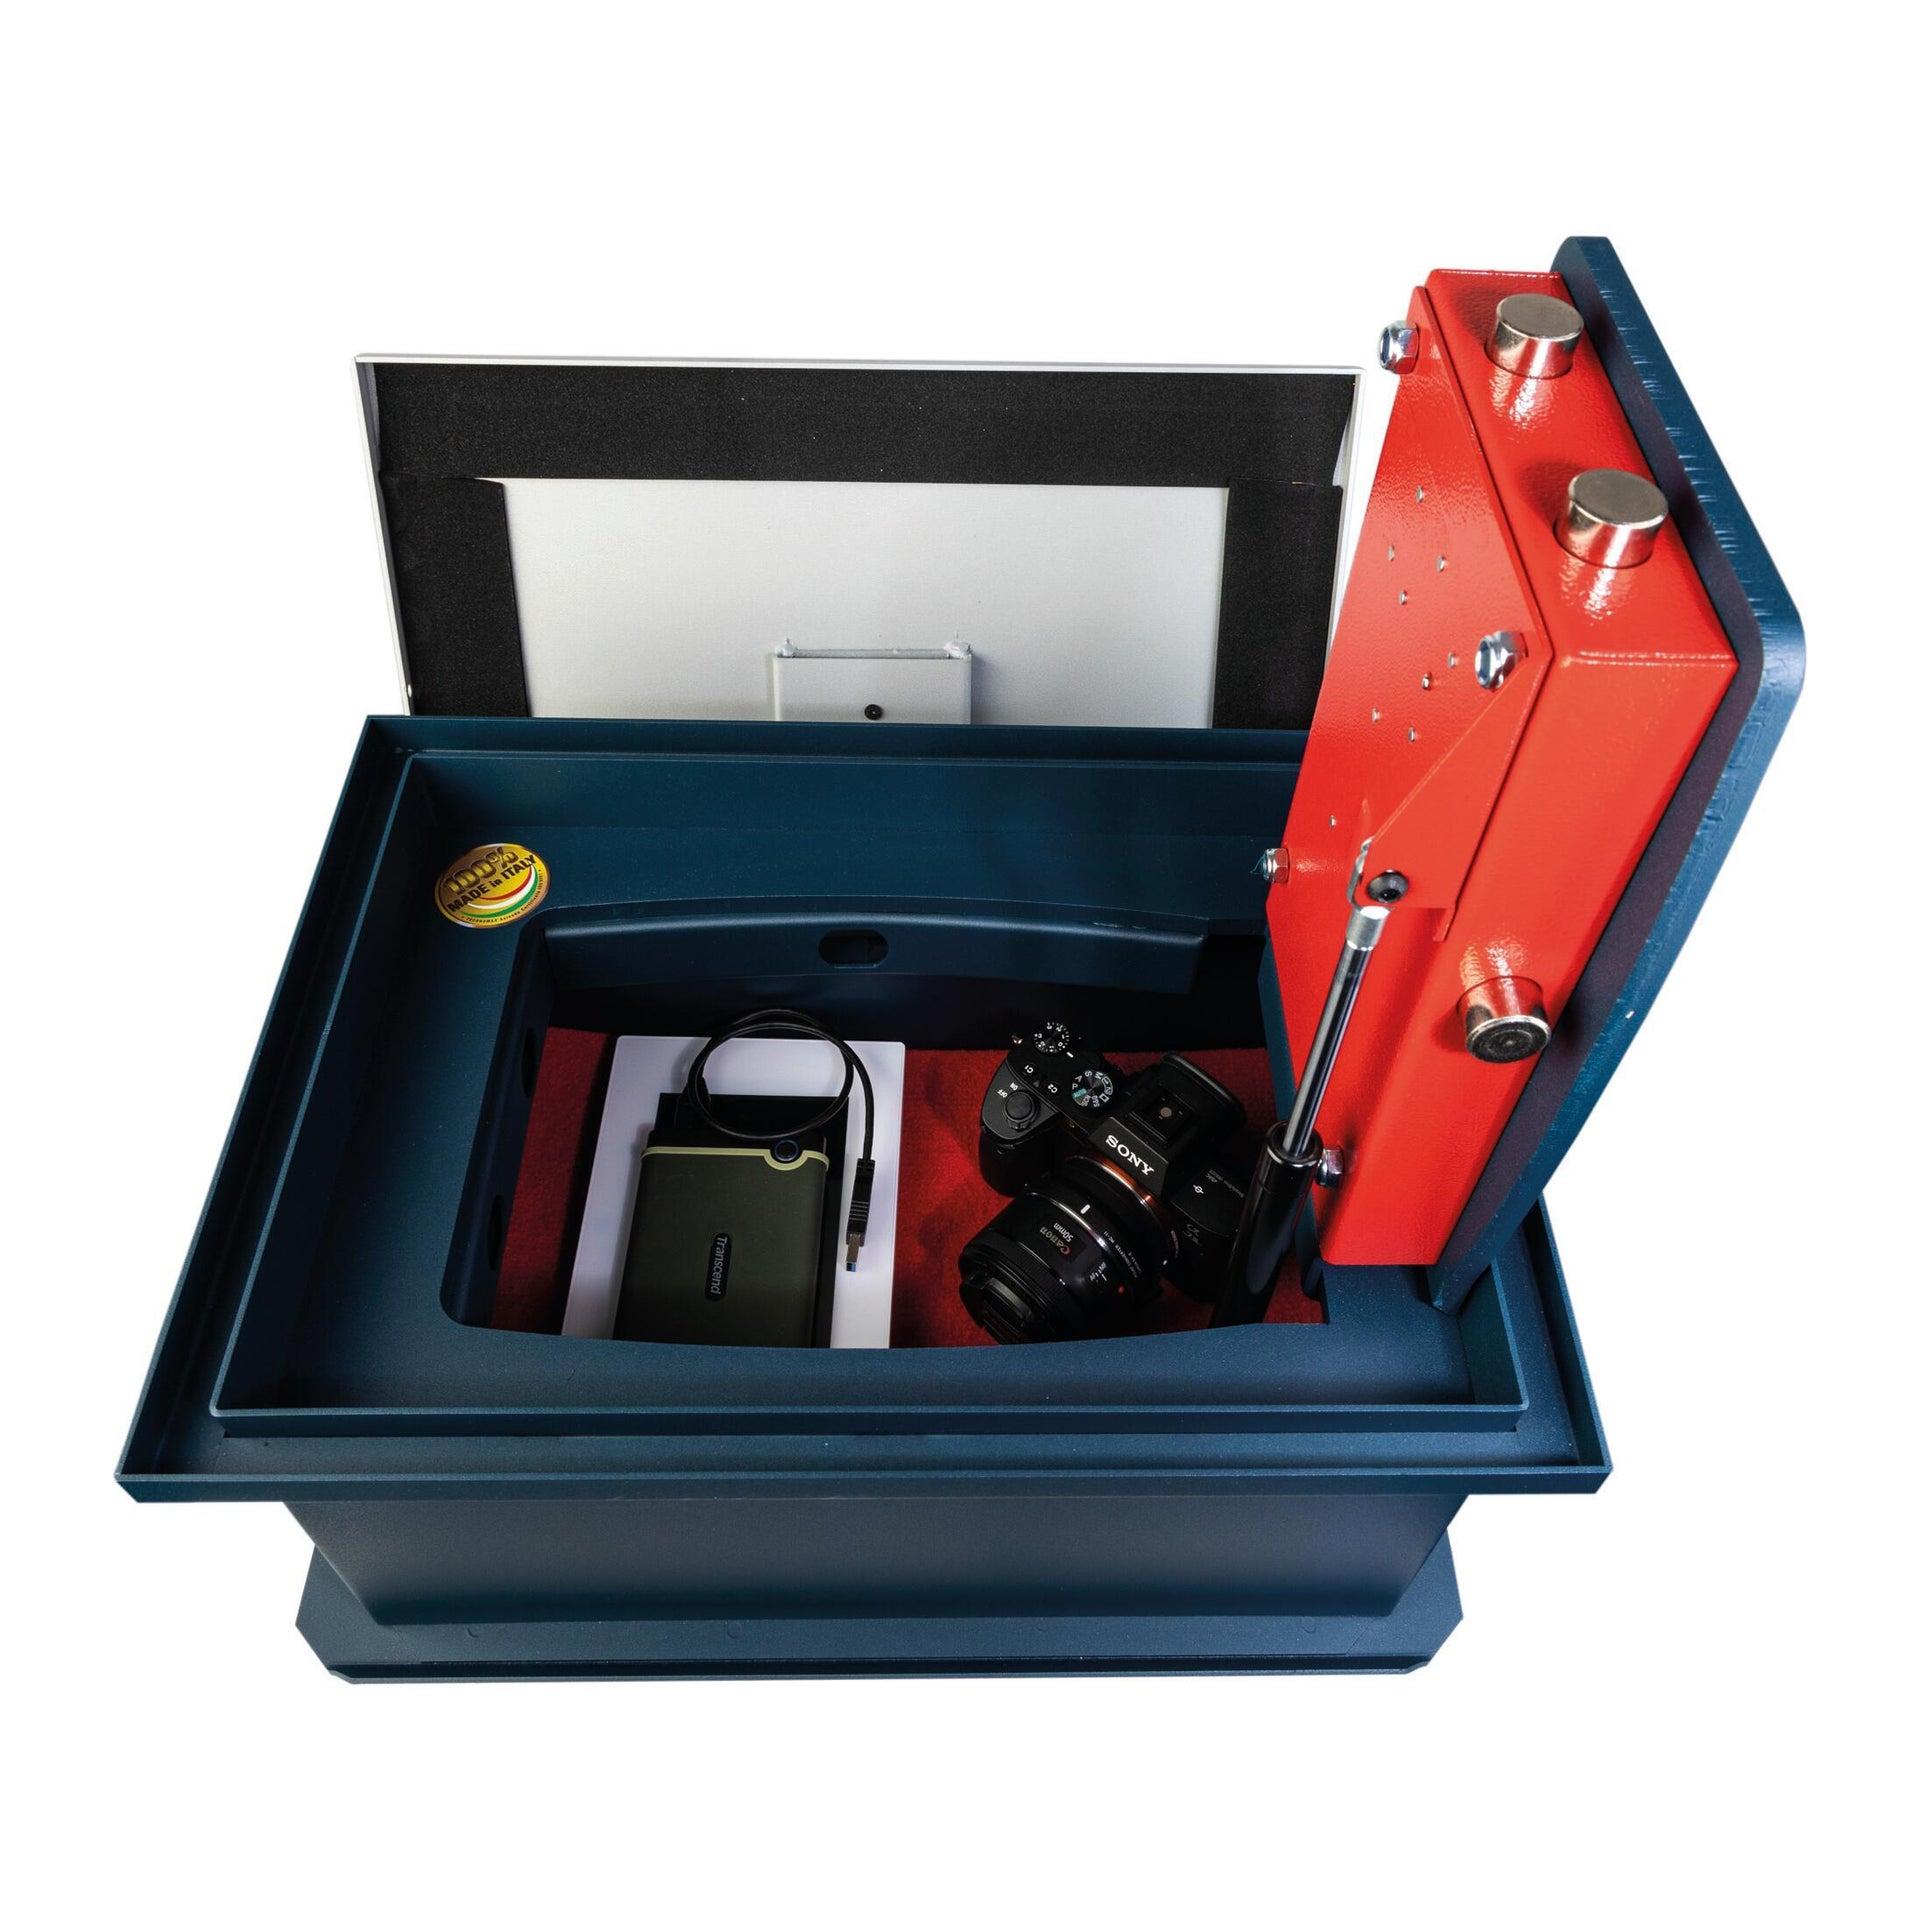 Cassaforte a chiave TECHNOMAX da fissare a parete L44 x P32 x H21 cm - 4